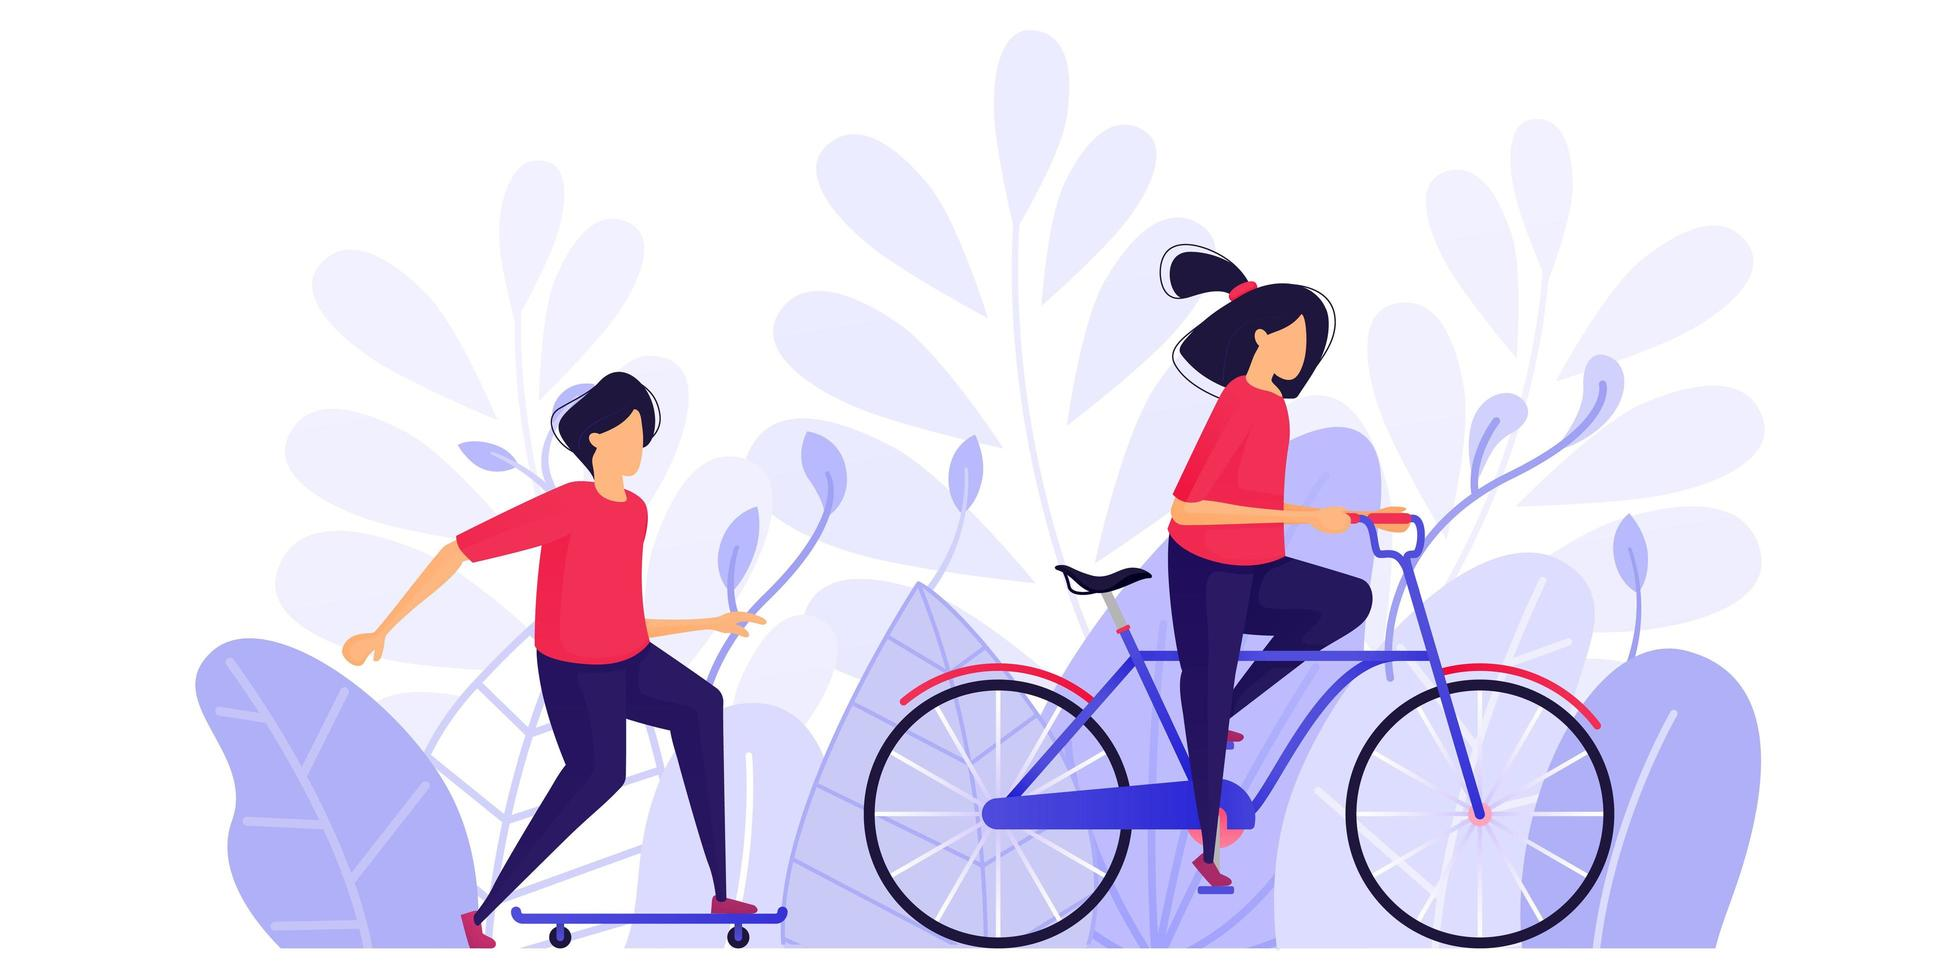 mensen sporten, ontspannen en genieten van de middag in het park op de fiets en skateboard. karakter concept vectorillustratie voor weblandingspagina, banner, mobiele apps, kaart, boekillustratie vector